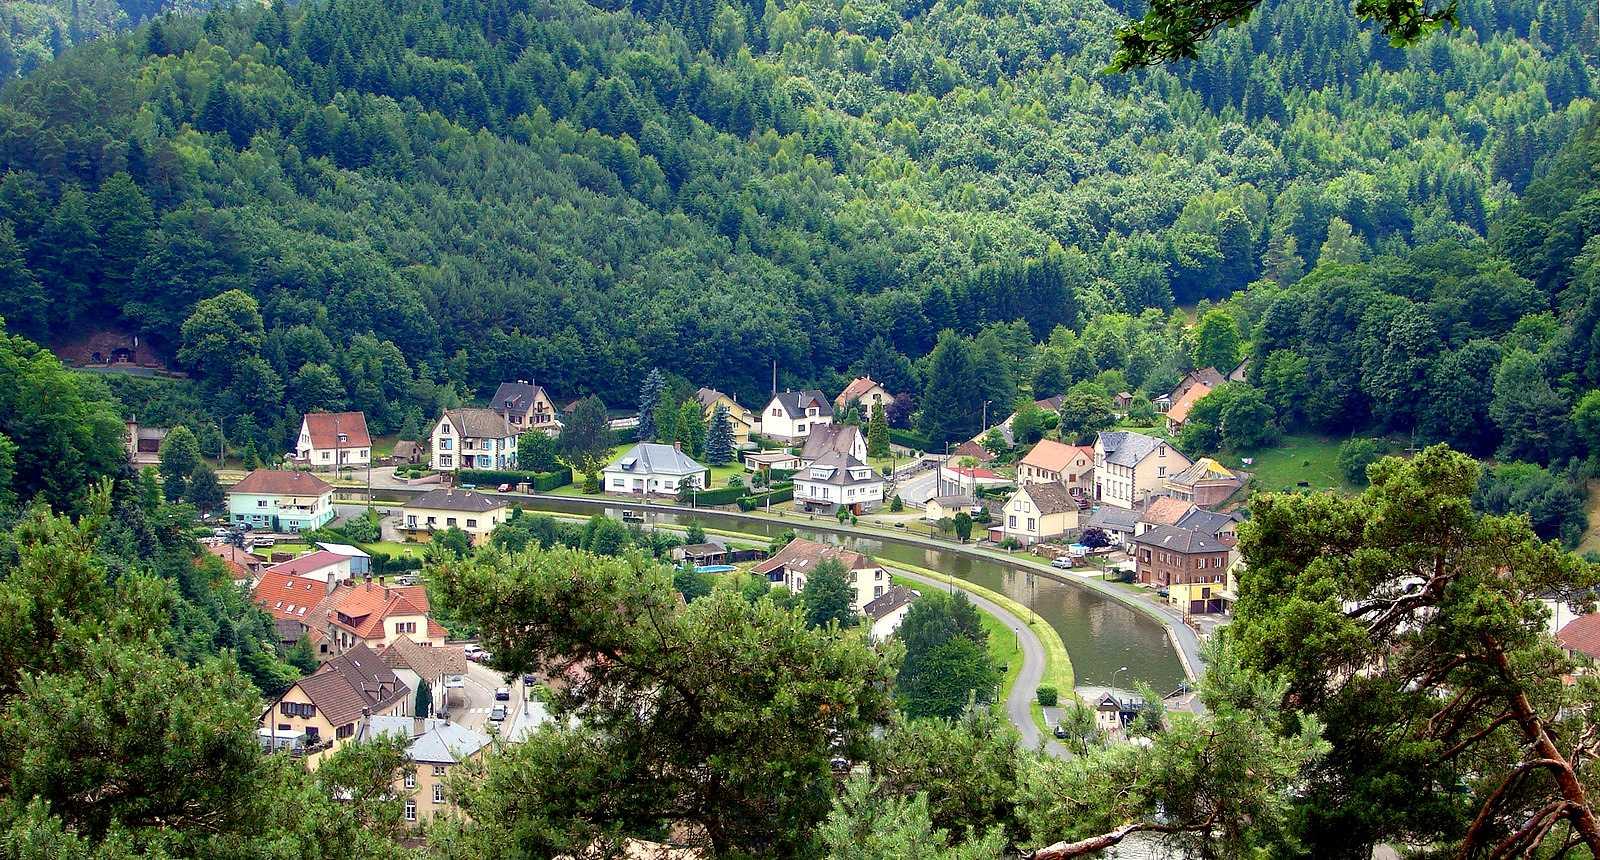 Vue sur la ville de Lutzelbourg